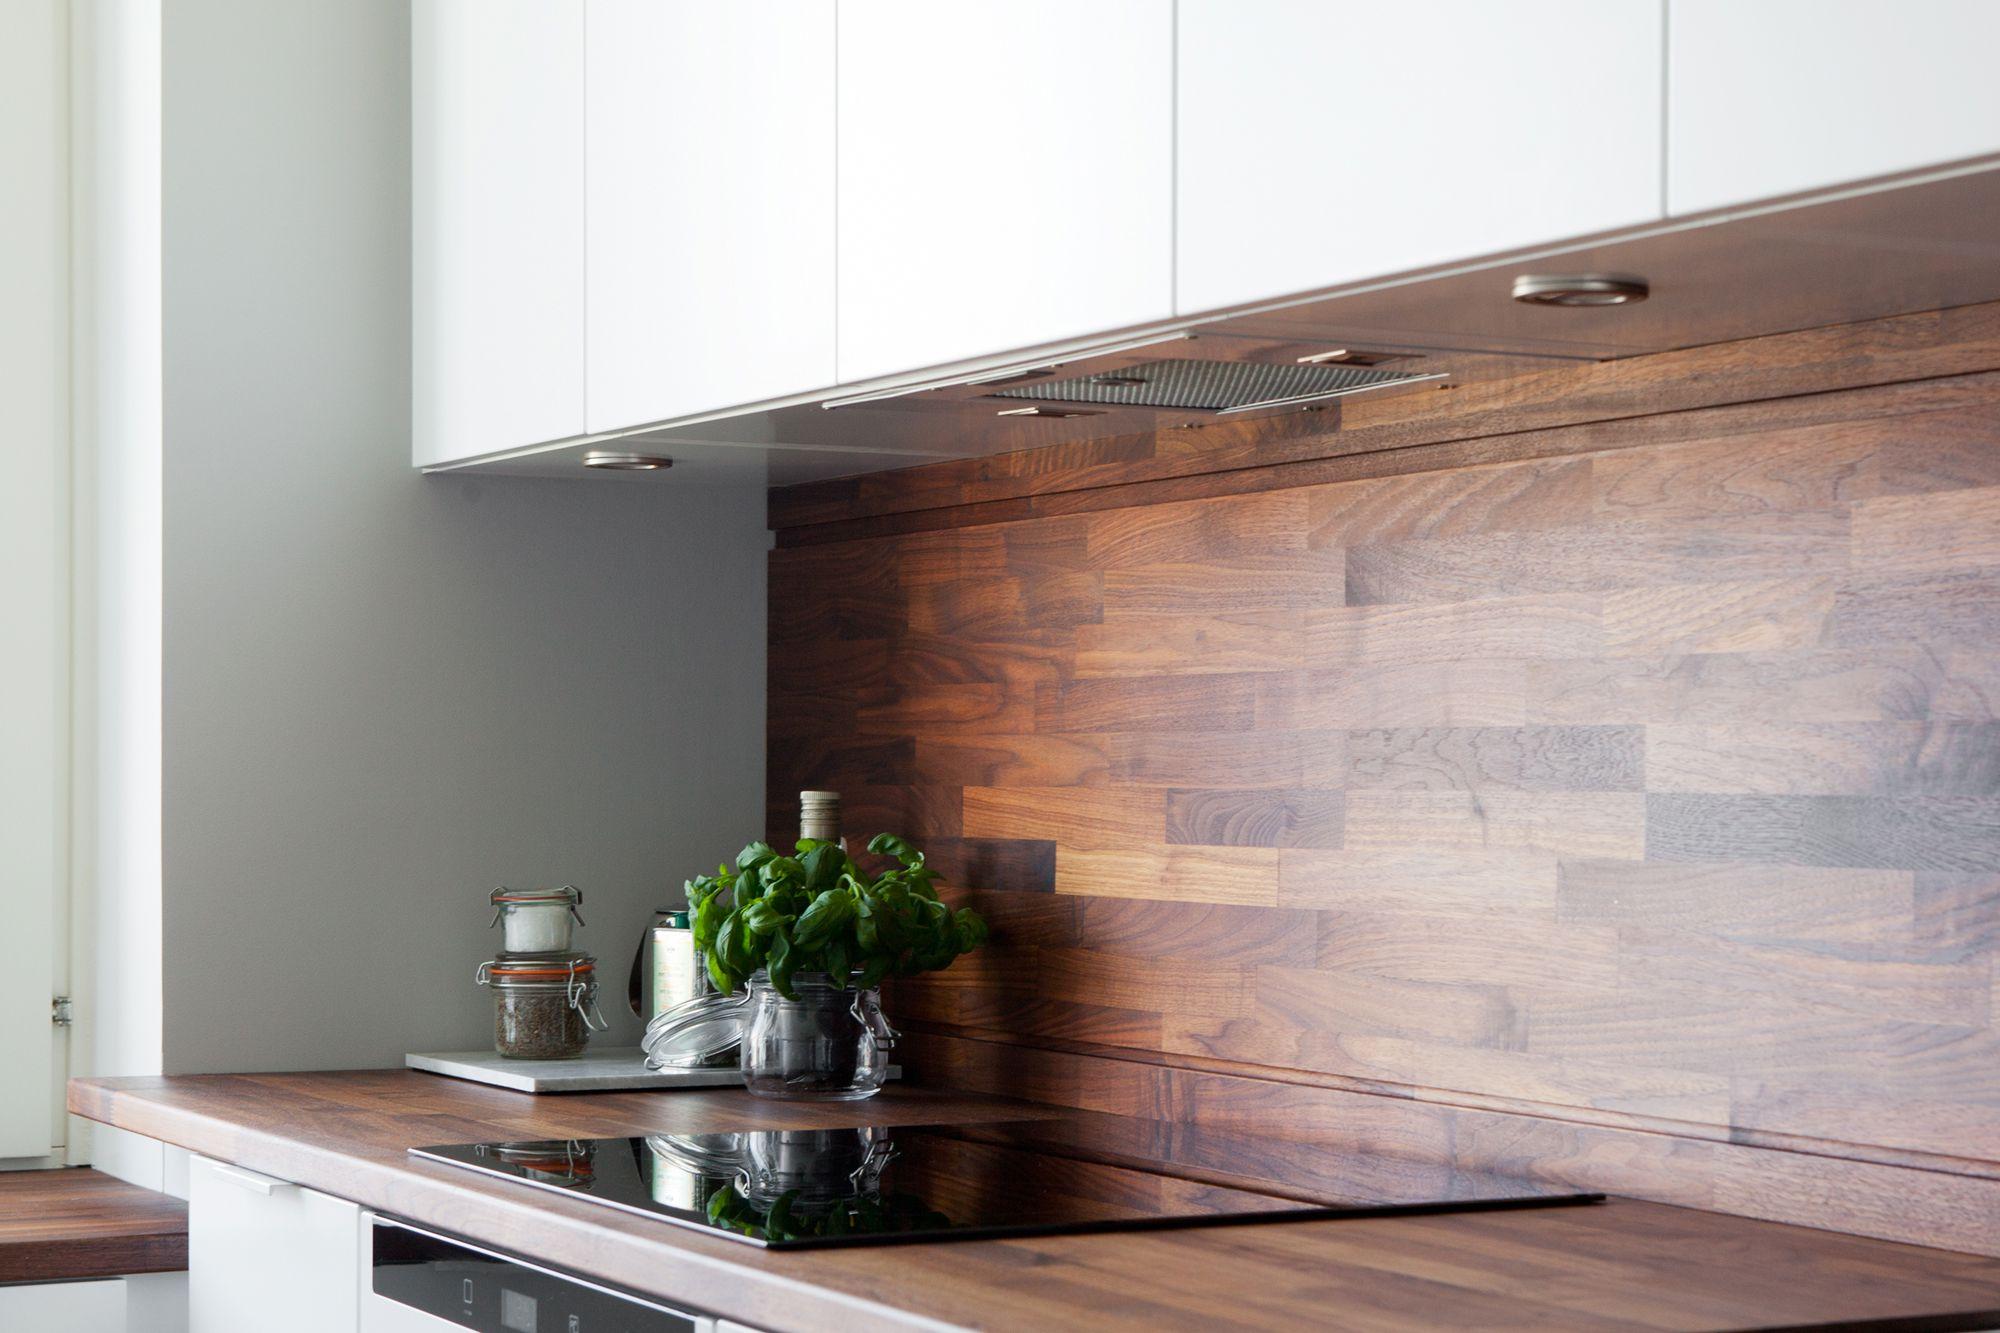 Cocina blanca con revestimiento de madera oscura blog - Revestimientos paredes cocina ...